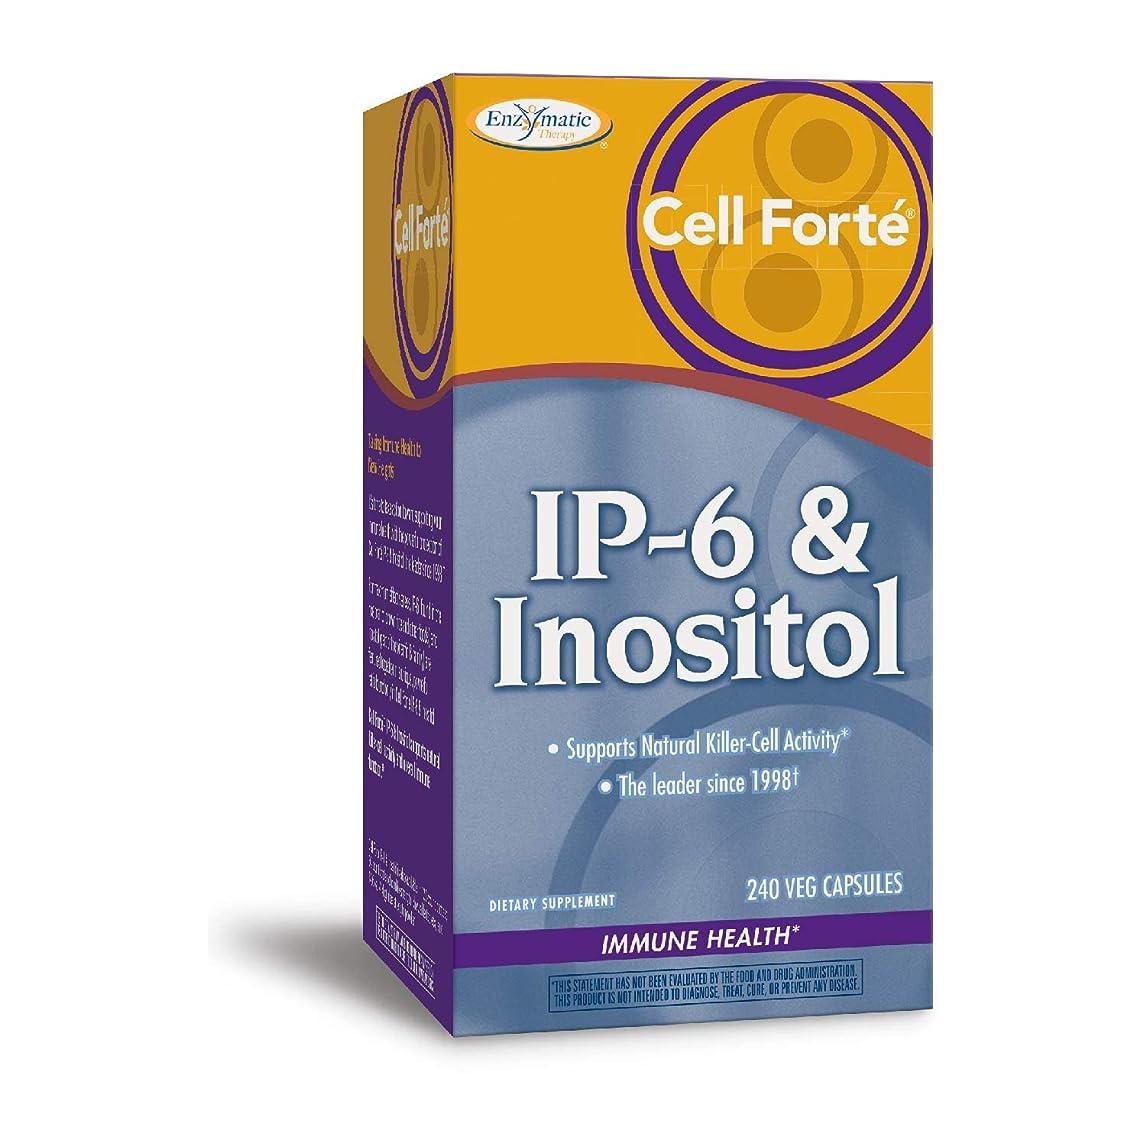 絶壁怠感絶壁セルフォルテ?IP-6&イノシトール 240ベジカプセル (海外直送品)